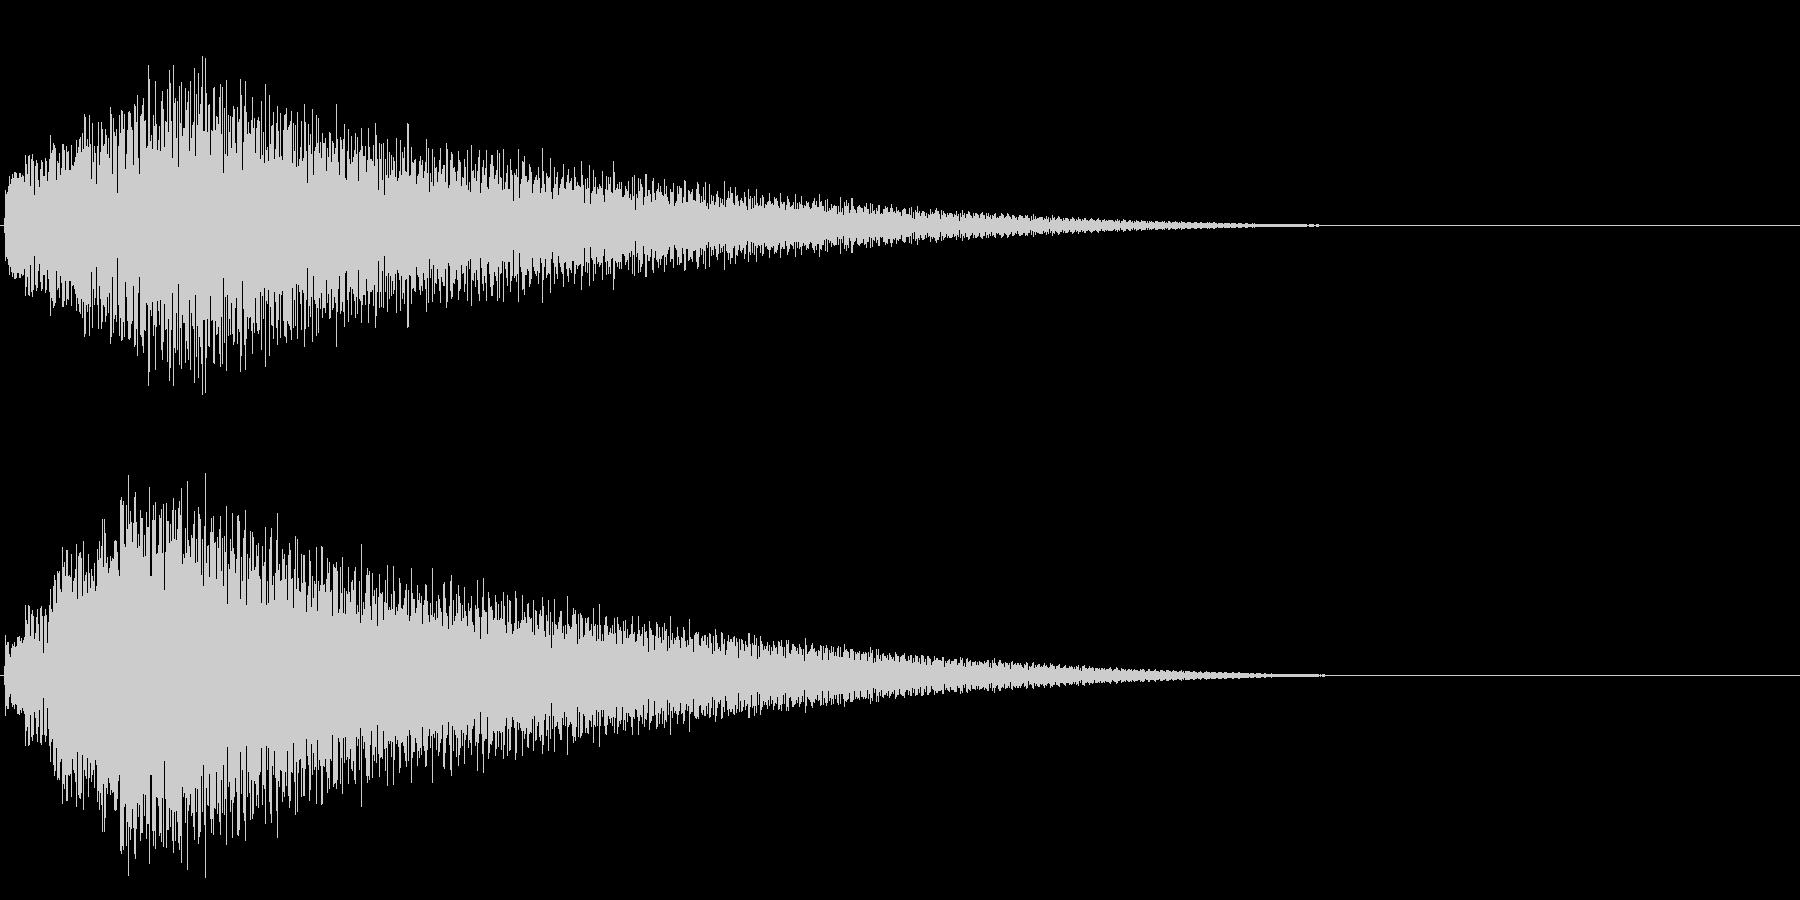 グリッサンド08 ビブラフォン(下降)の未再生の波形